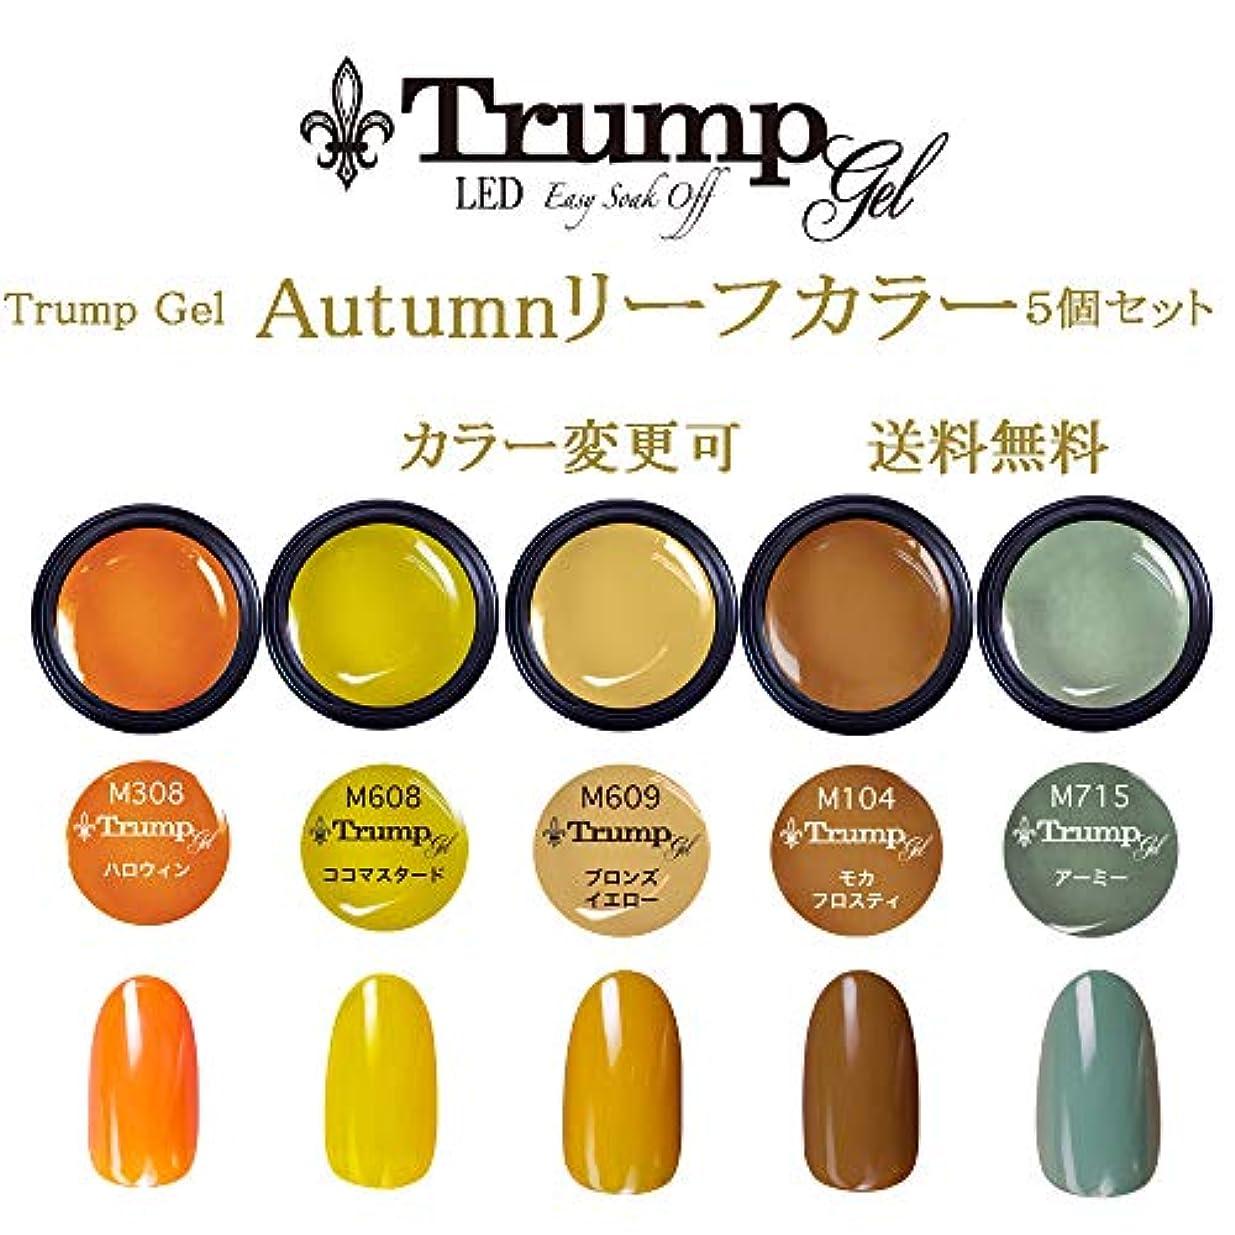 肌寒い壊すラップトップ【送料無料】日本製 Trump gel トランプジェル オータムリーフカラー 選べる カラージェル 5個セット オータムネイル ベージュ ブラウン マスタード カラー